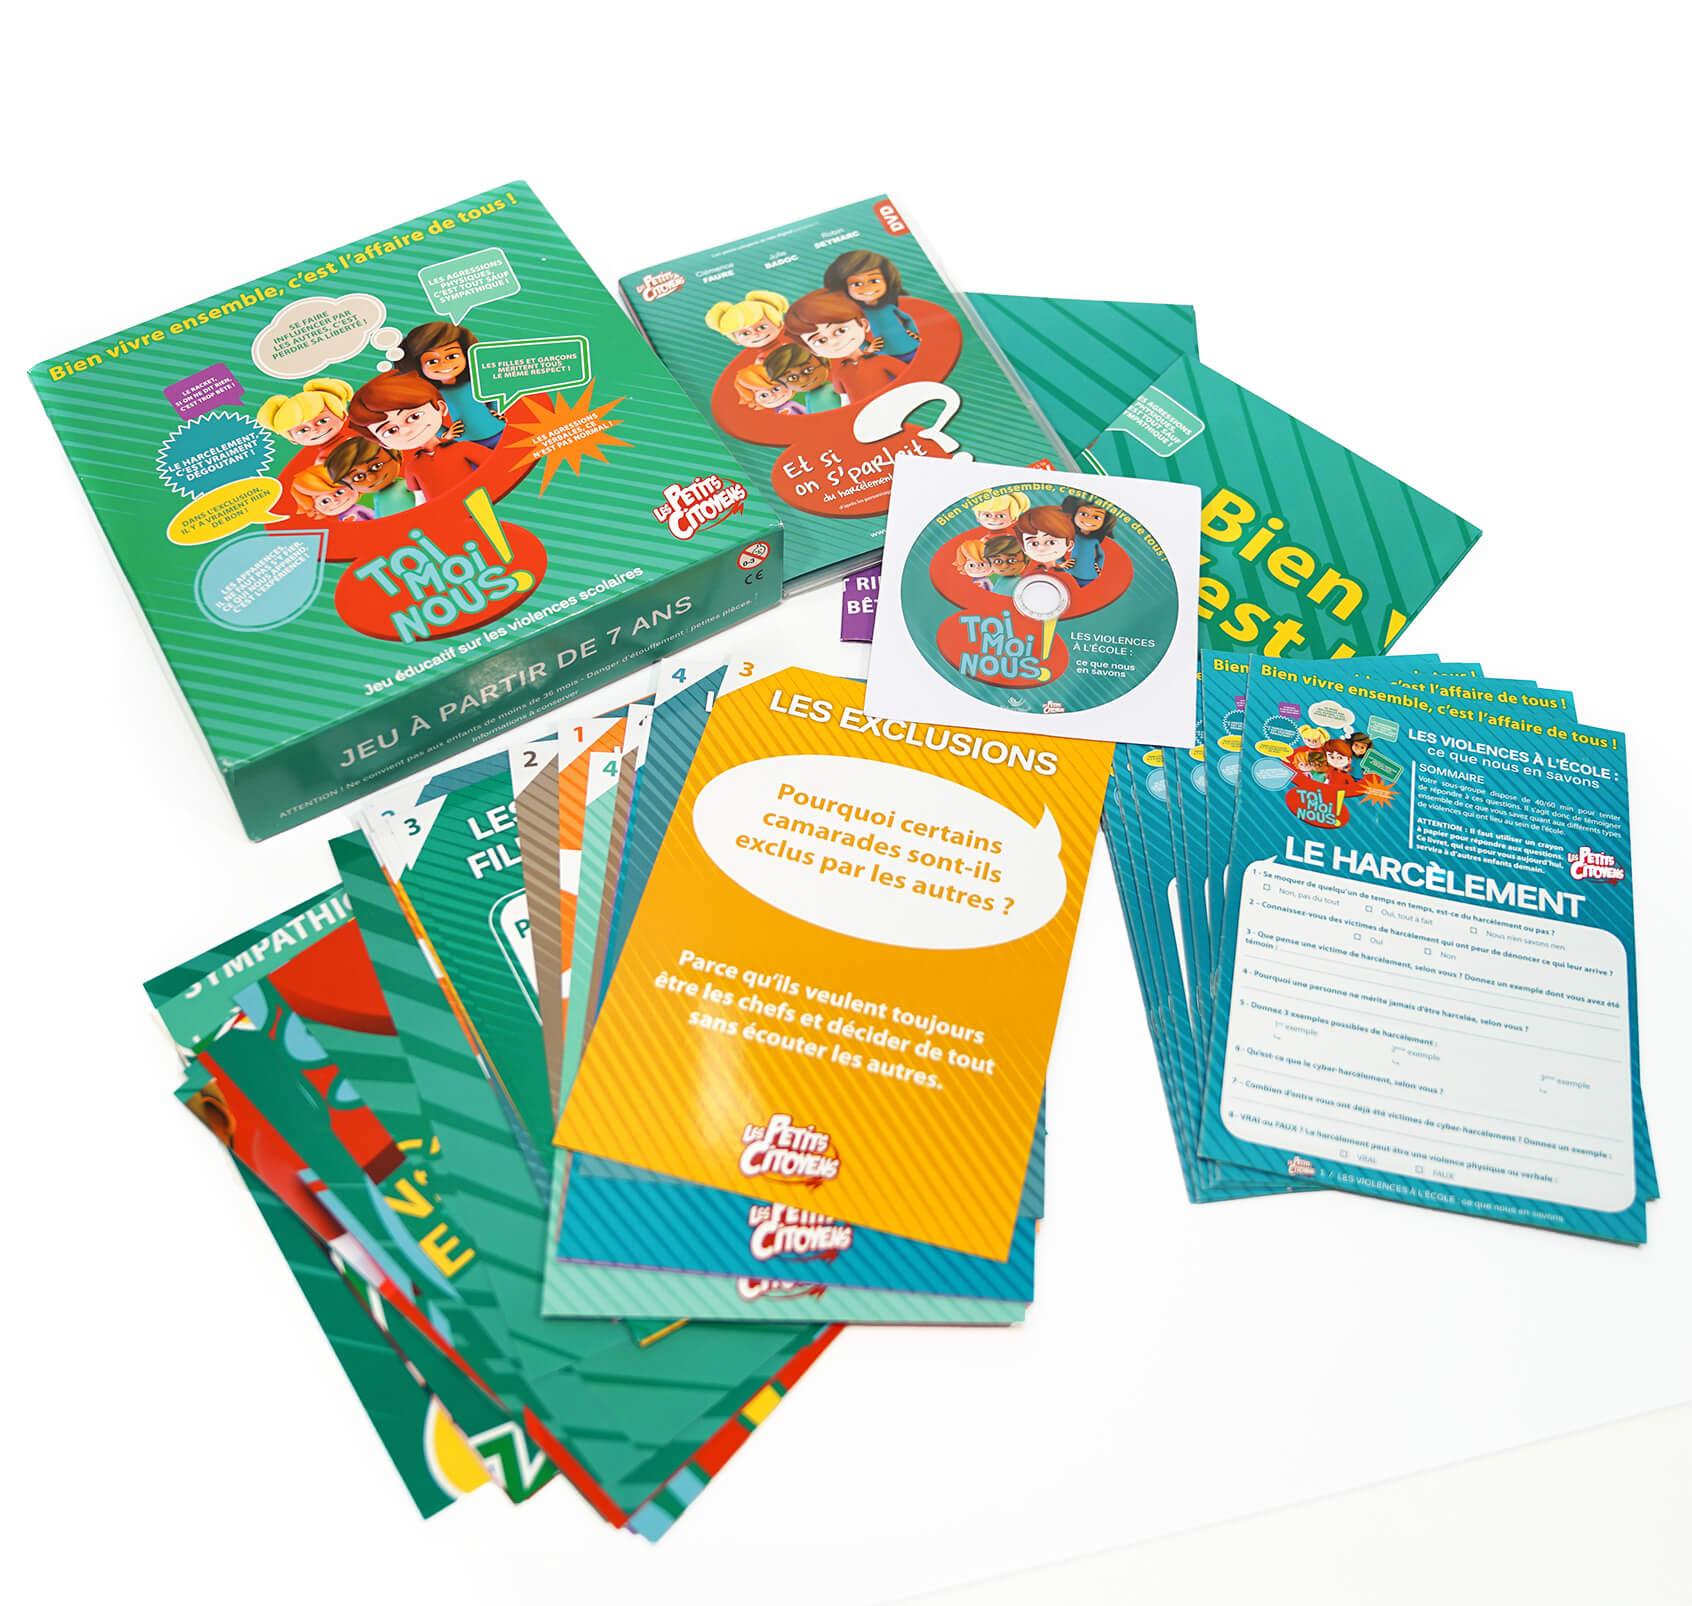 Kit pédagogique sur les violences à l'école